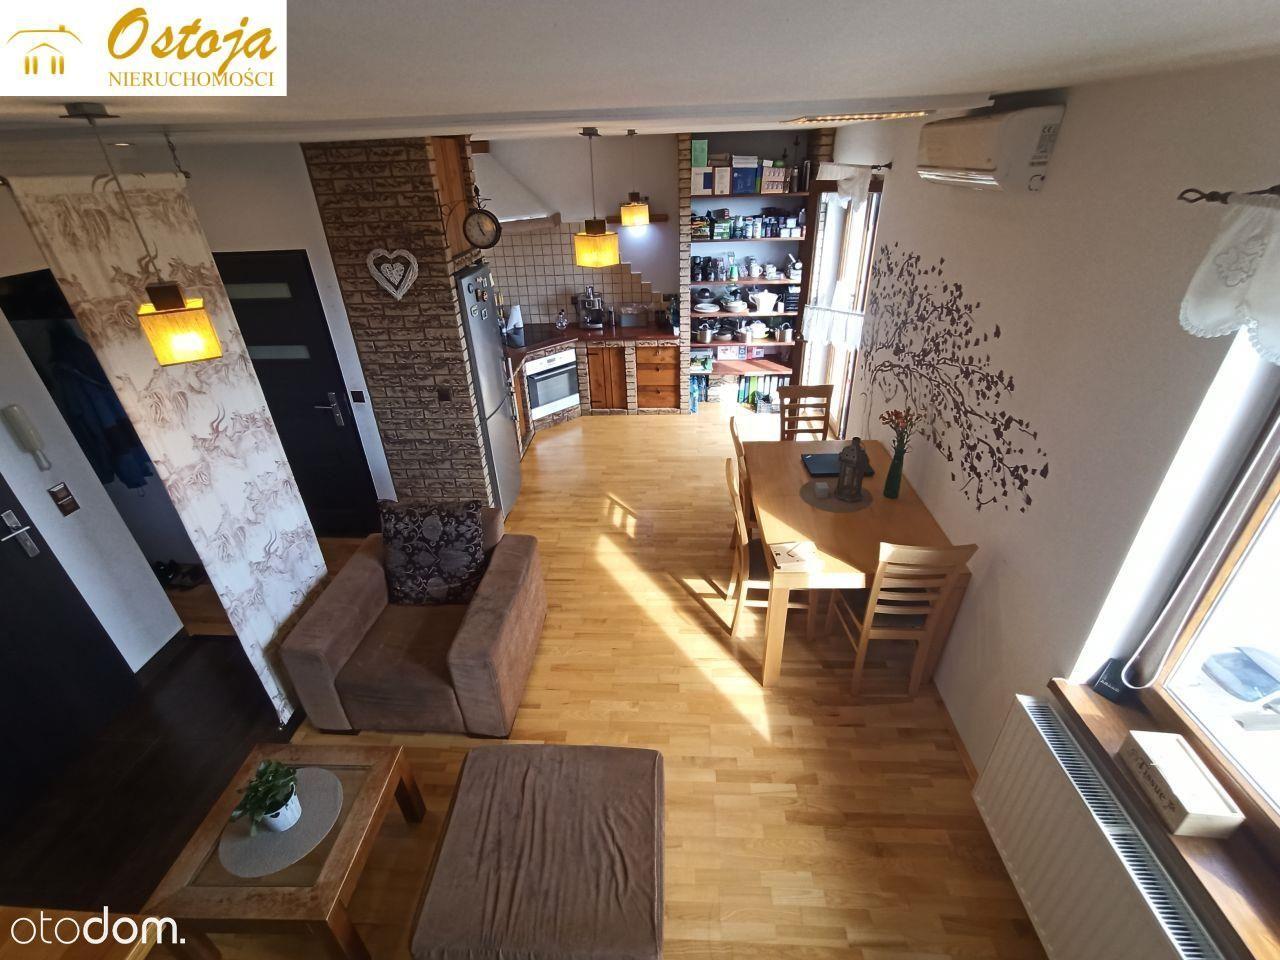 Duże, dwupoziomowe mieszkanie - 72,5 m2